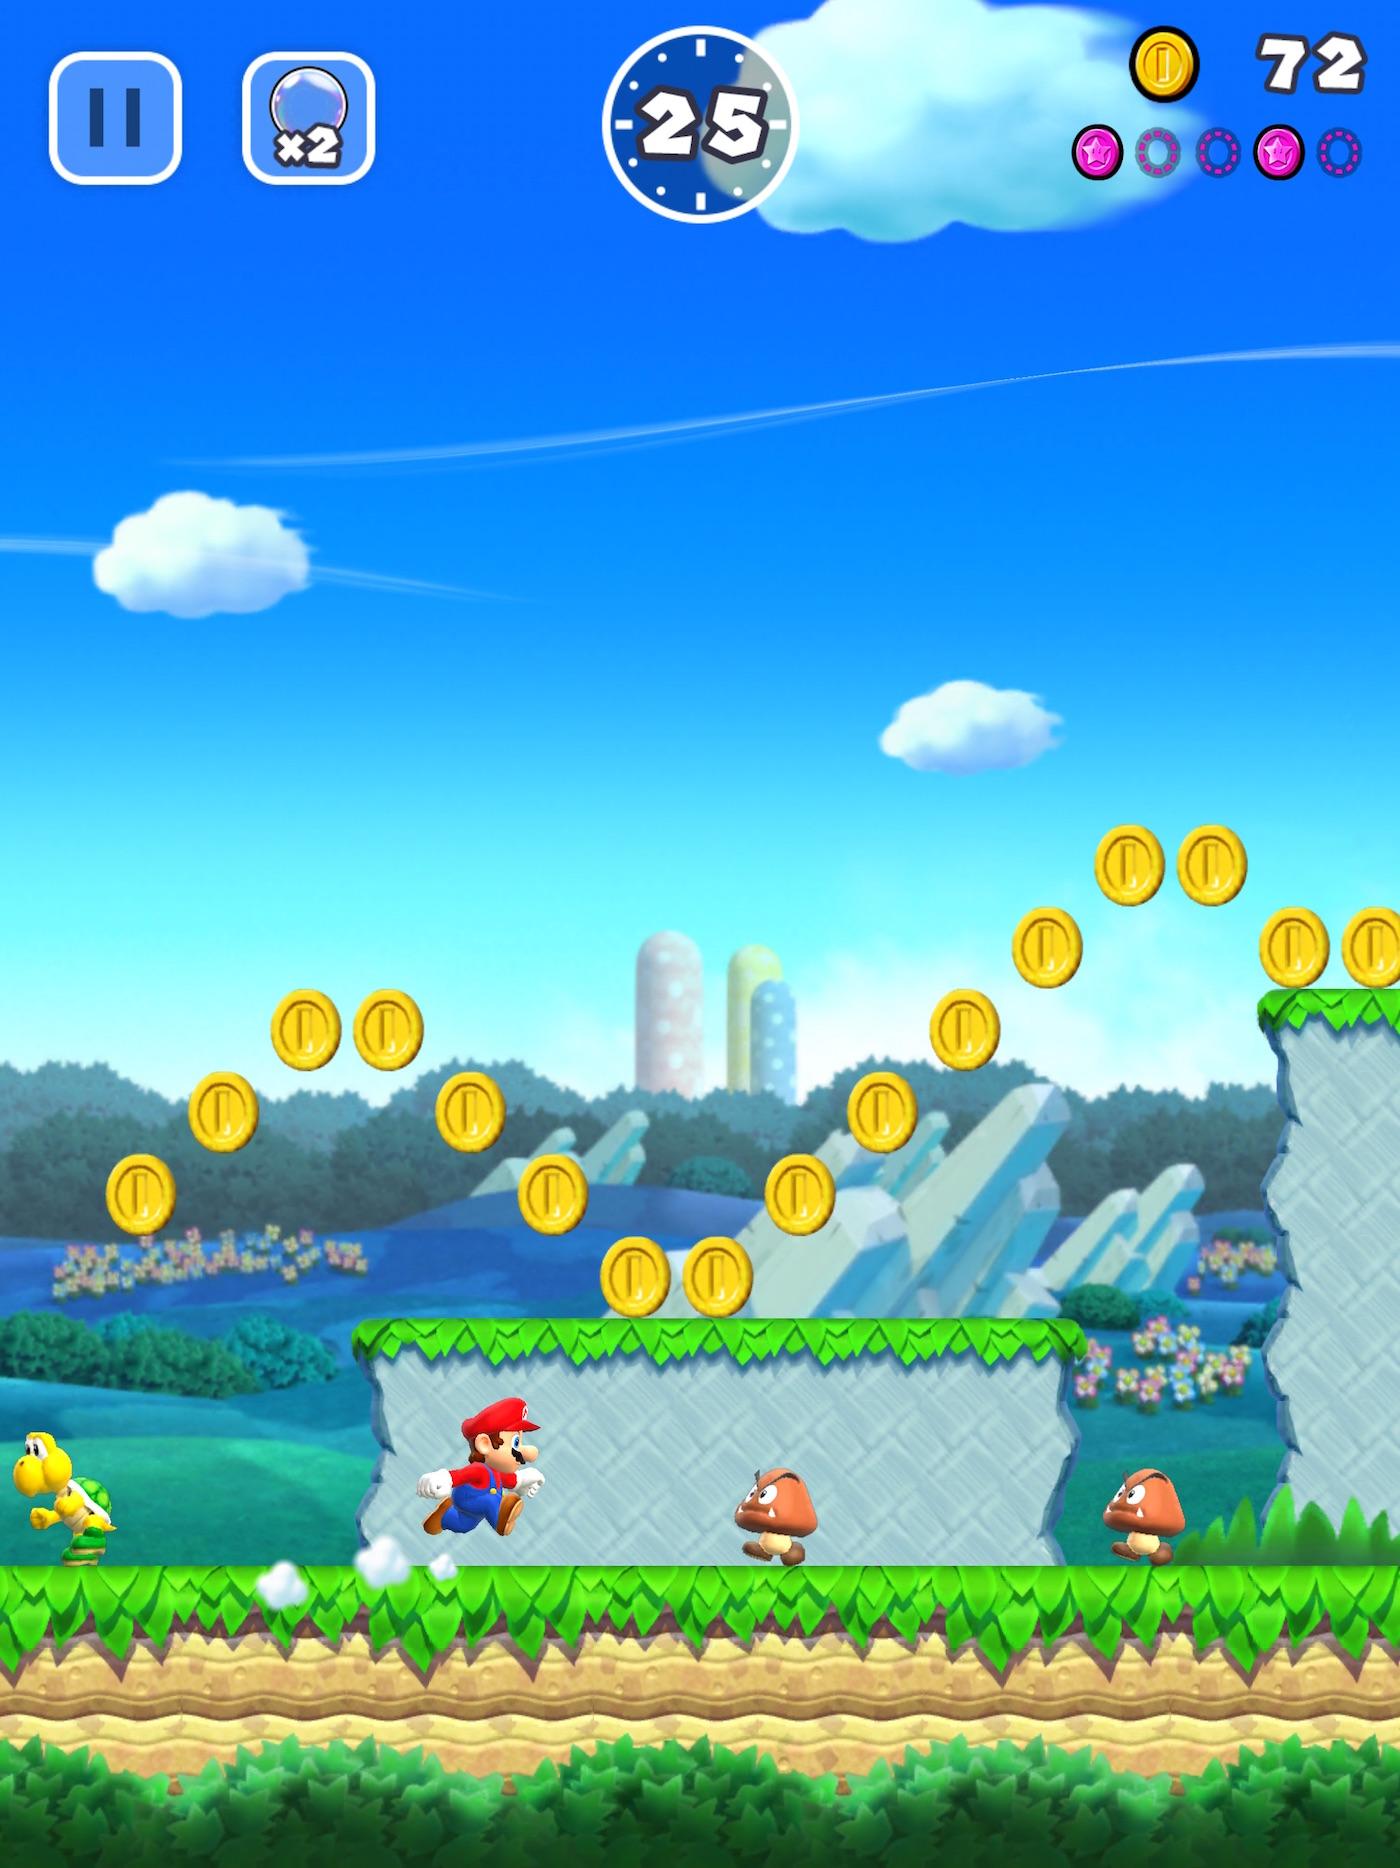 Super Mario Run für das iPhone erinnert auf den ersten Blick stark an die Konsolenversion, wäre da nicht das Hochkantformat  (Foto: Nintendo)